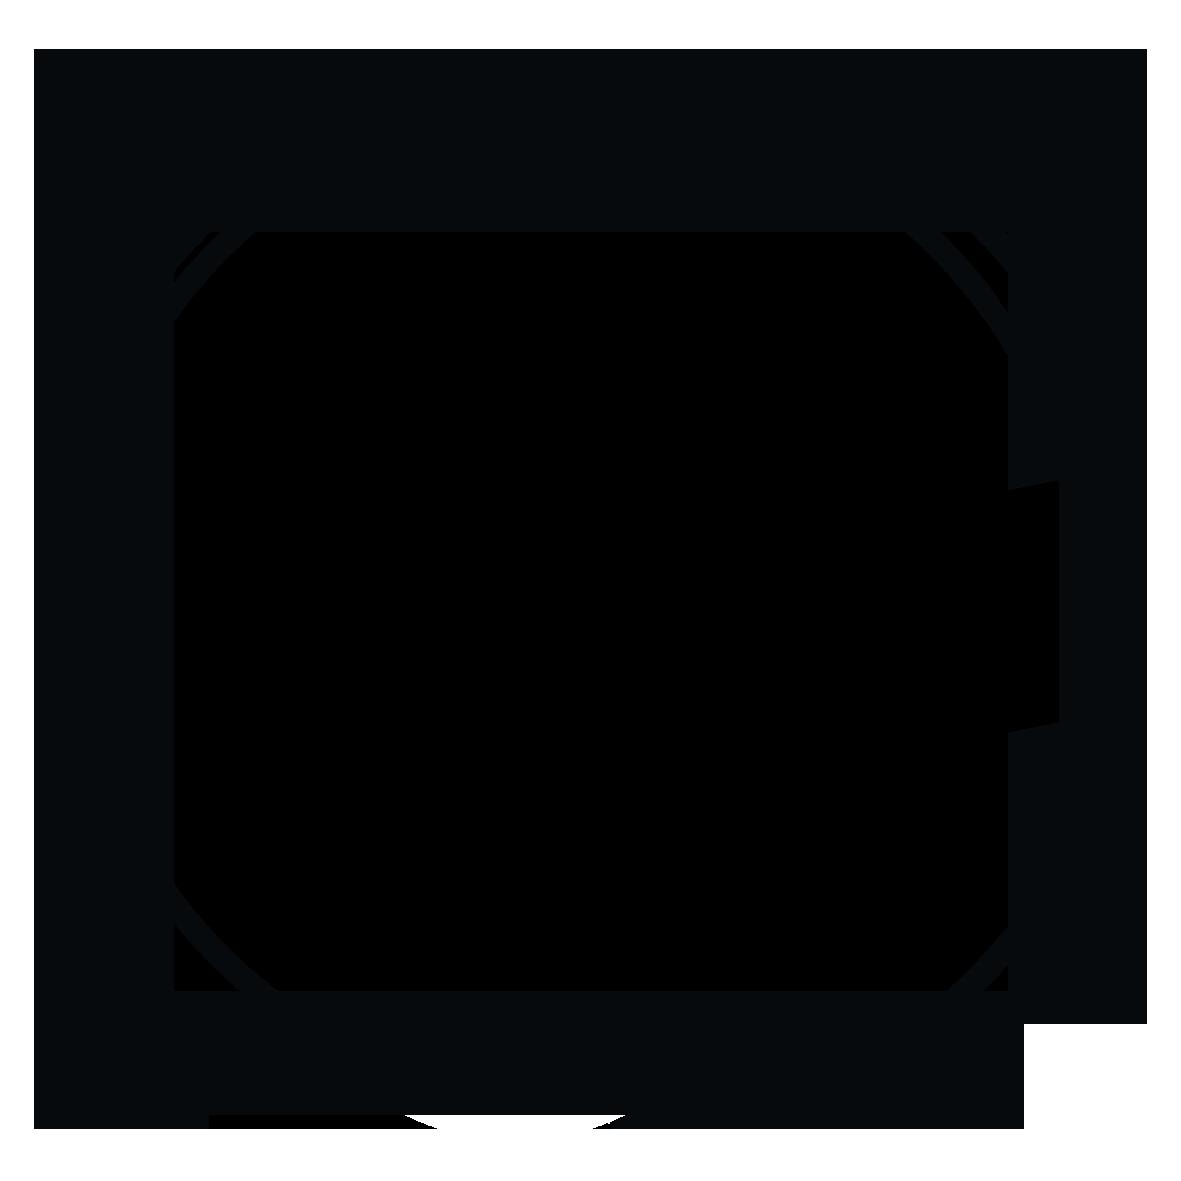 созданный йога векторные картинки чтобы